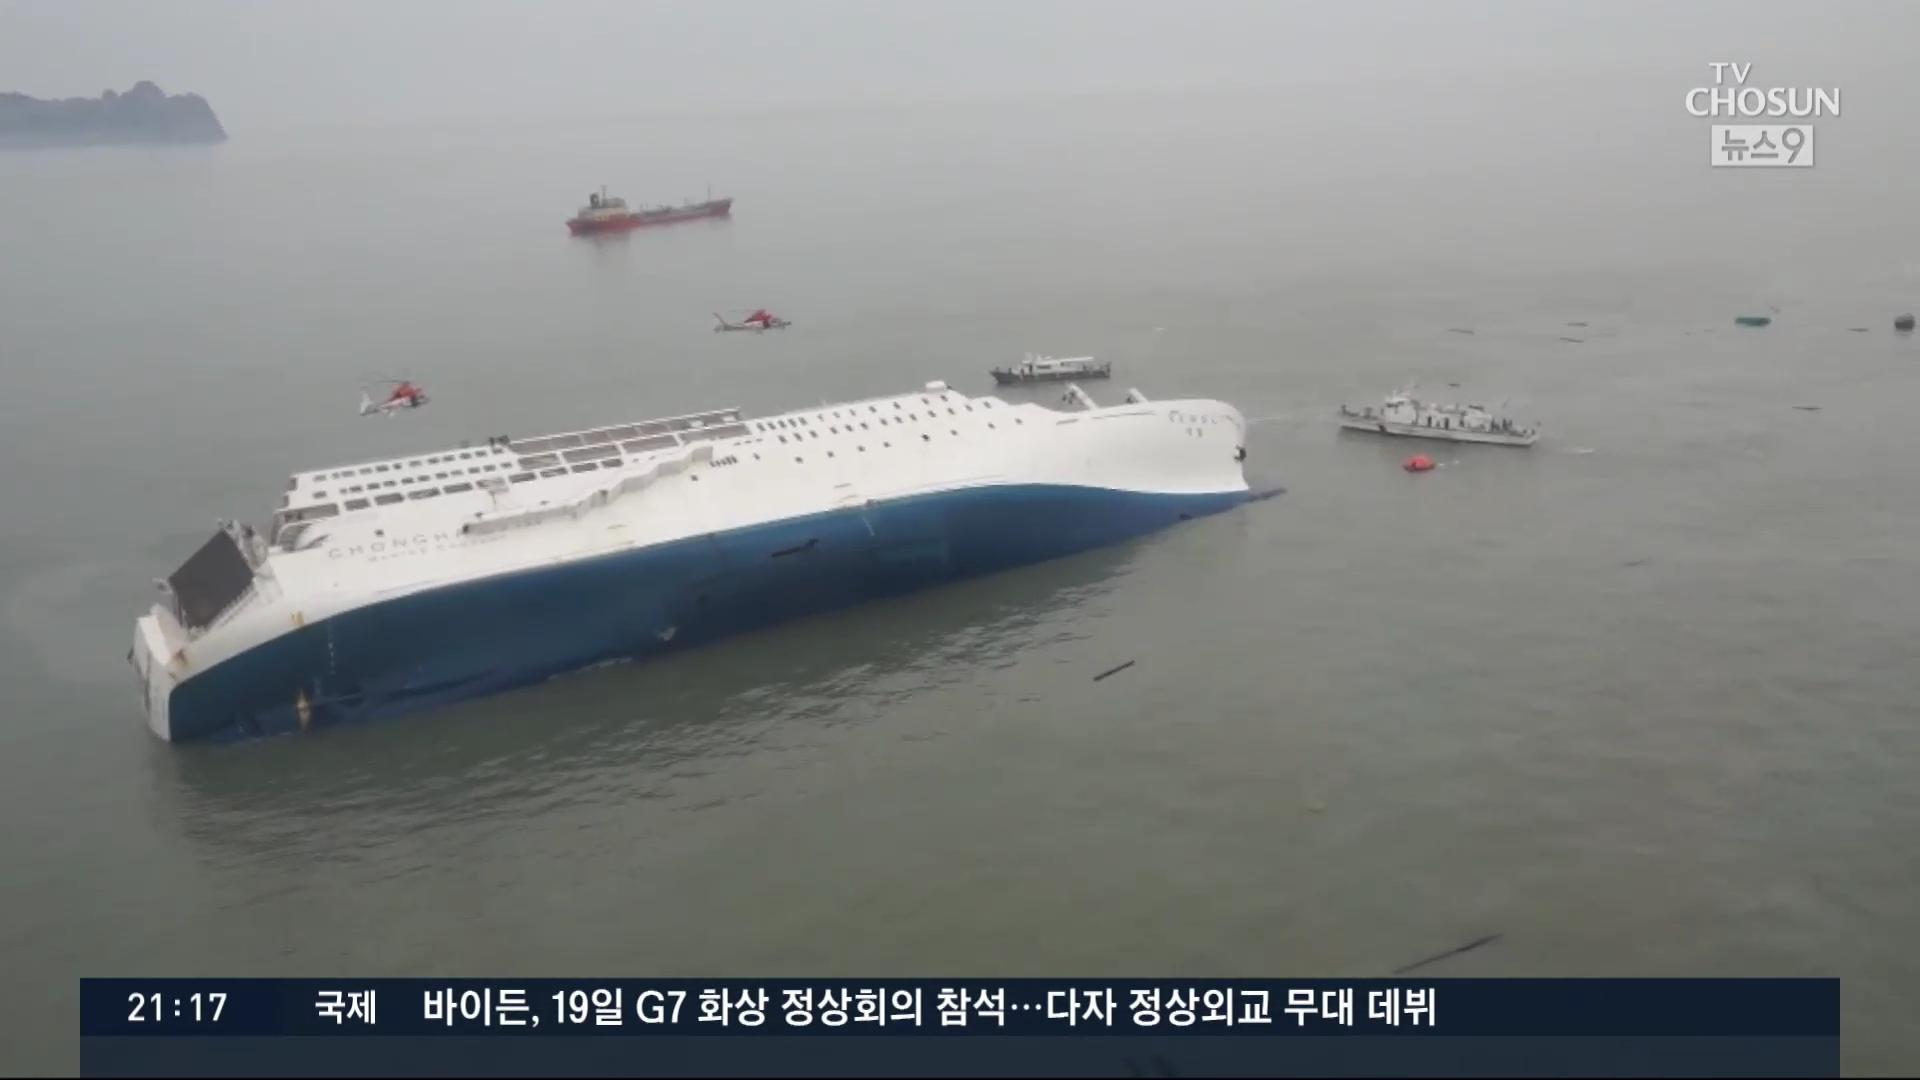 '세월호 구조 실패' 김석균 前 해경청장 등 1심 무죄